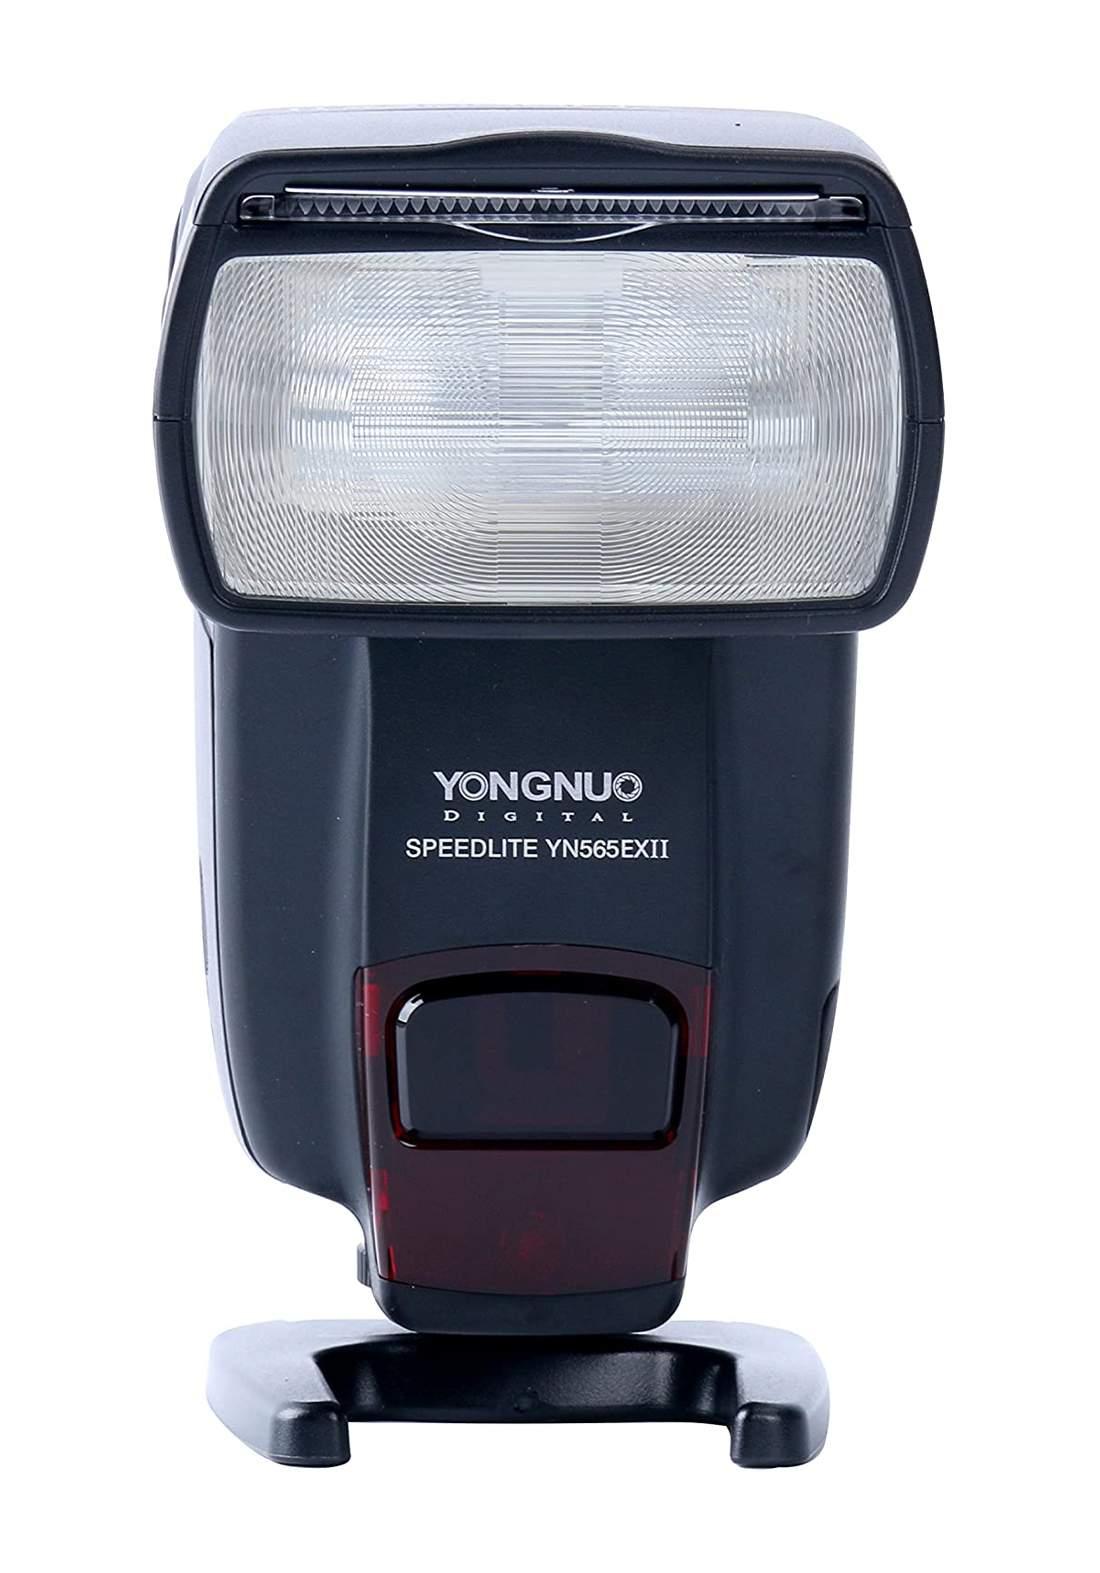 Yongnuo YN565EX II Flash Speedlite for Canon - Black   فلاش كاميرا